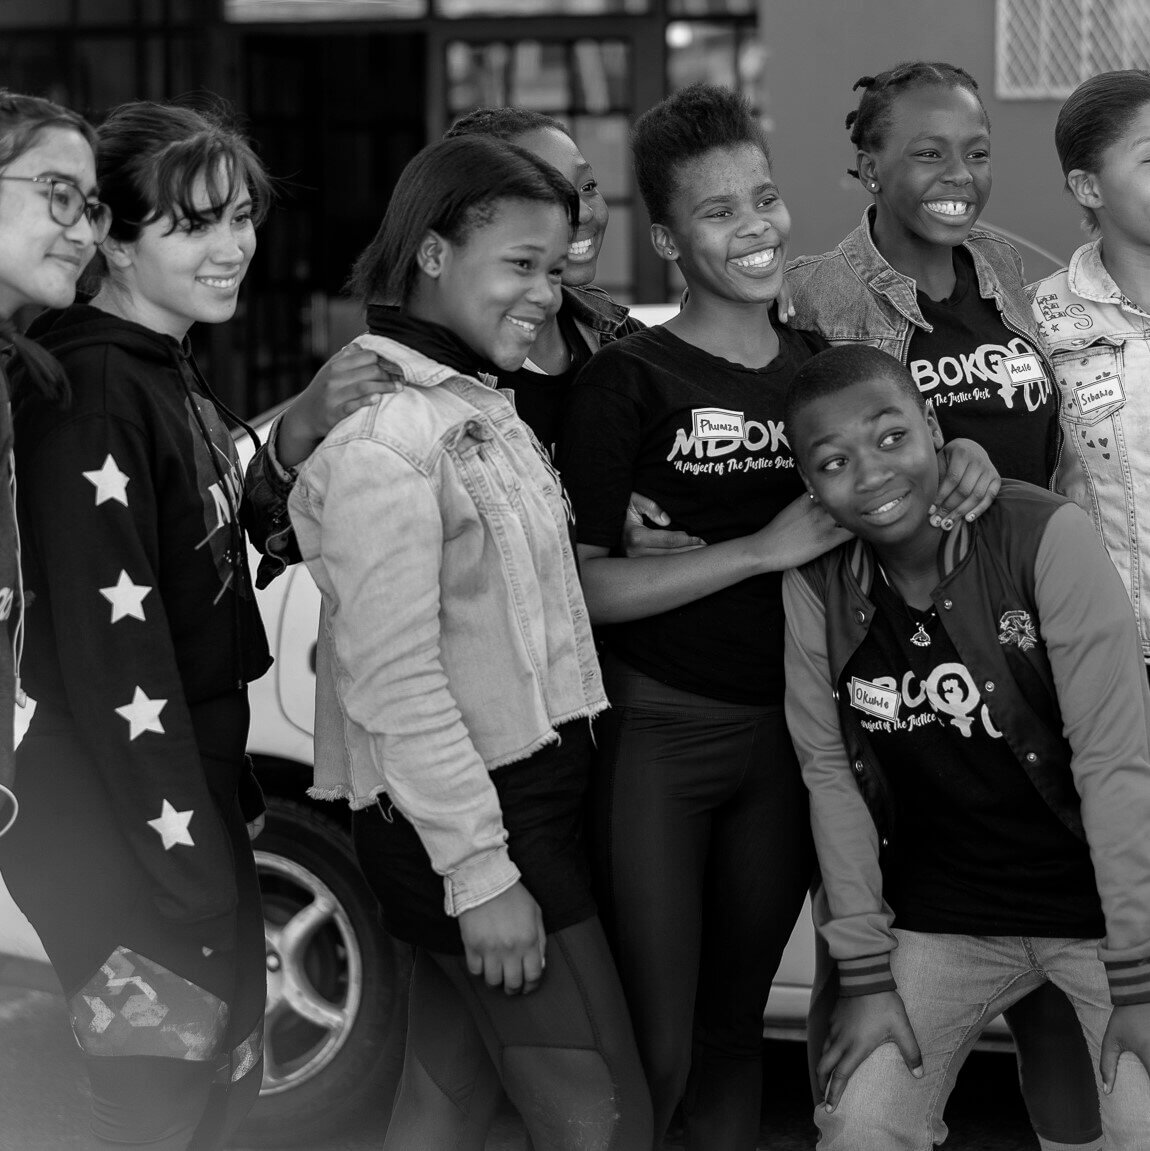 Community Services Cape Town